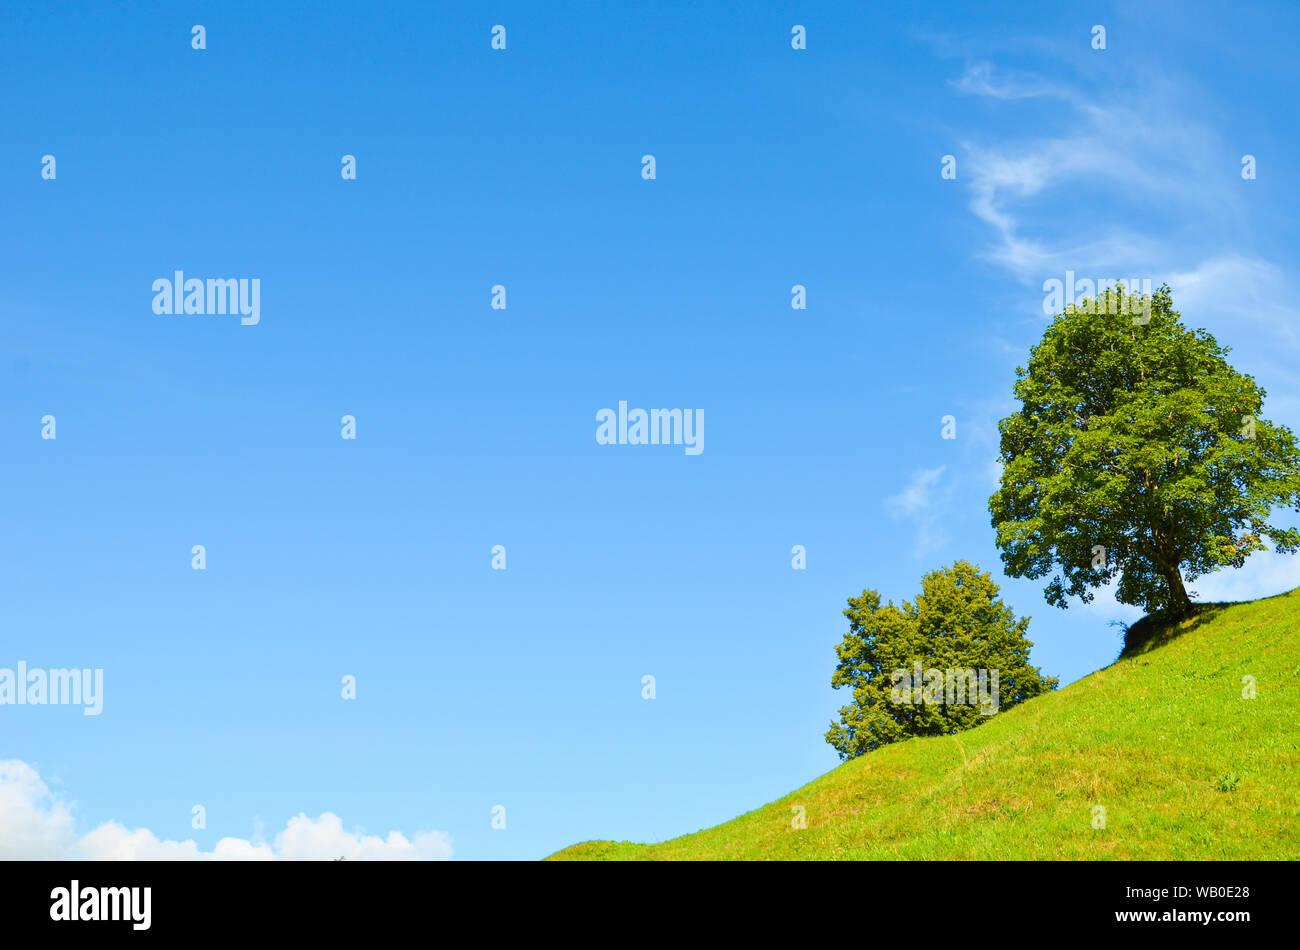 Árboles verdes en una colina empinada, cielo azul con nubes de luz detrás del horizonte. Espacio para copiar texto. Espacio vacío. La motivación, el concepto de desarrollo personal Foto de stock